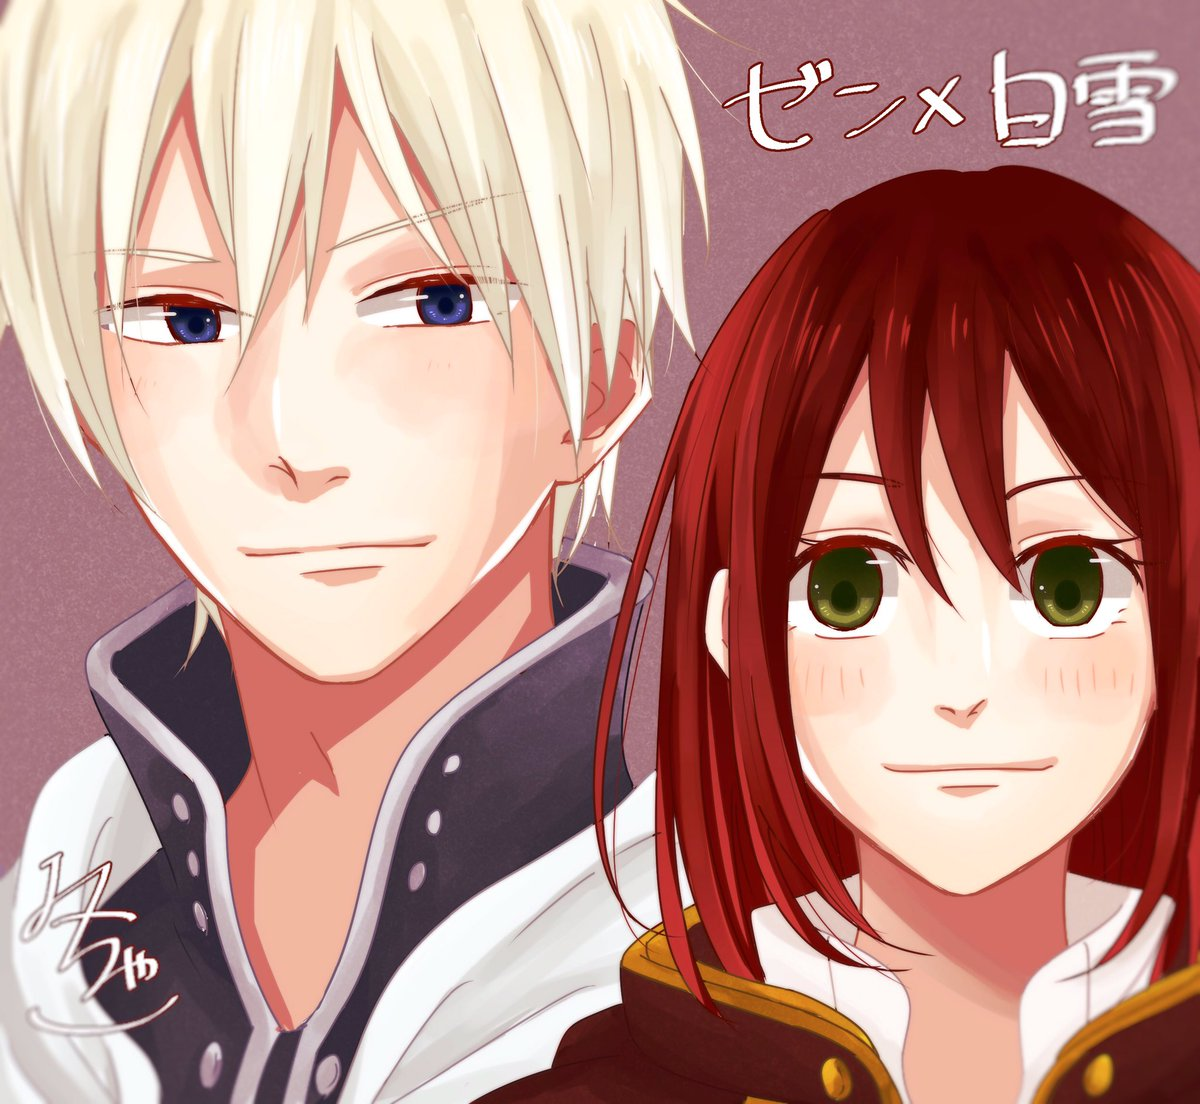 赤髪の白雪姫でゼンと白雪です!遅くなった挙句似てなくてすみません( ;  ; )#お前の絵柄に絶対合うのに何で描かないの